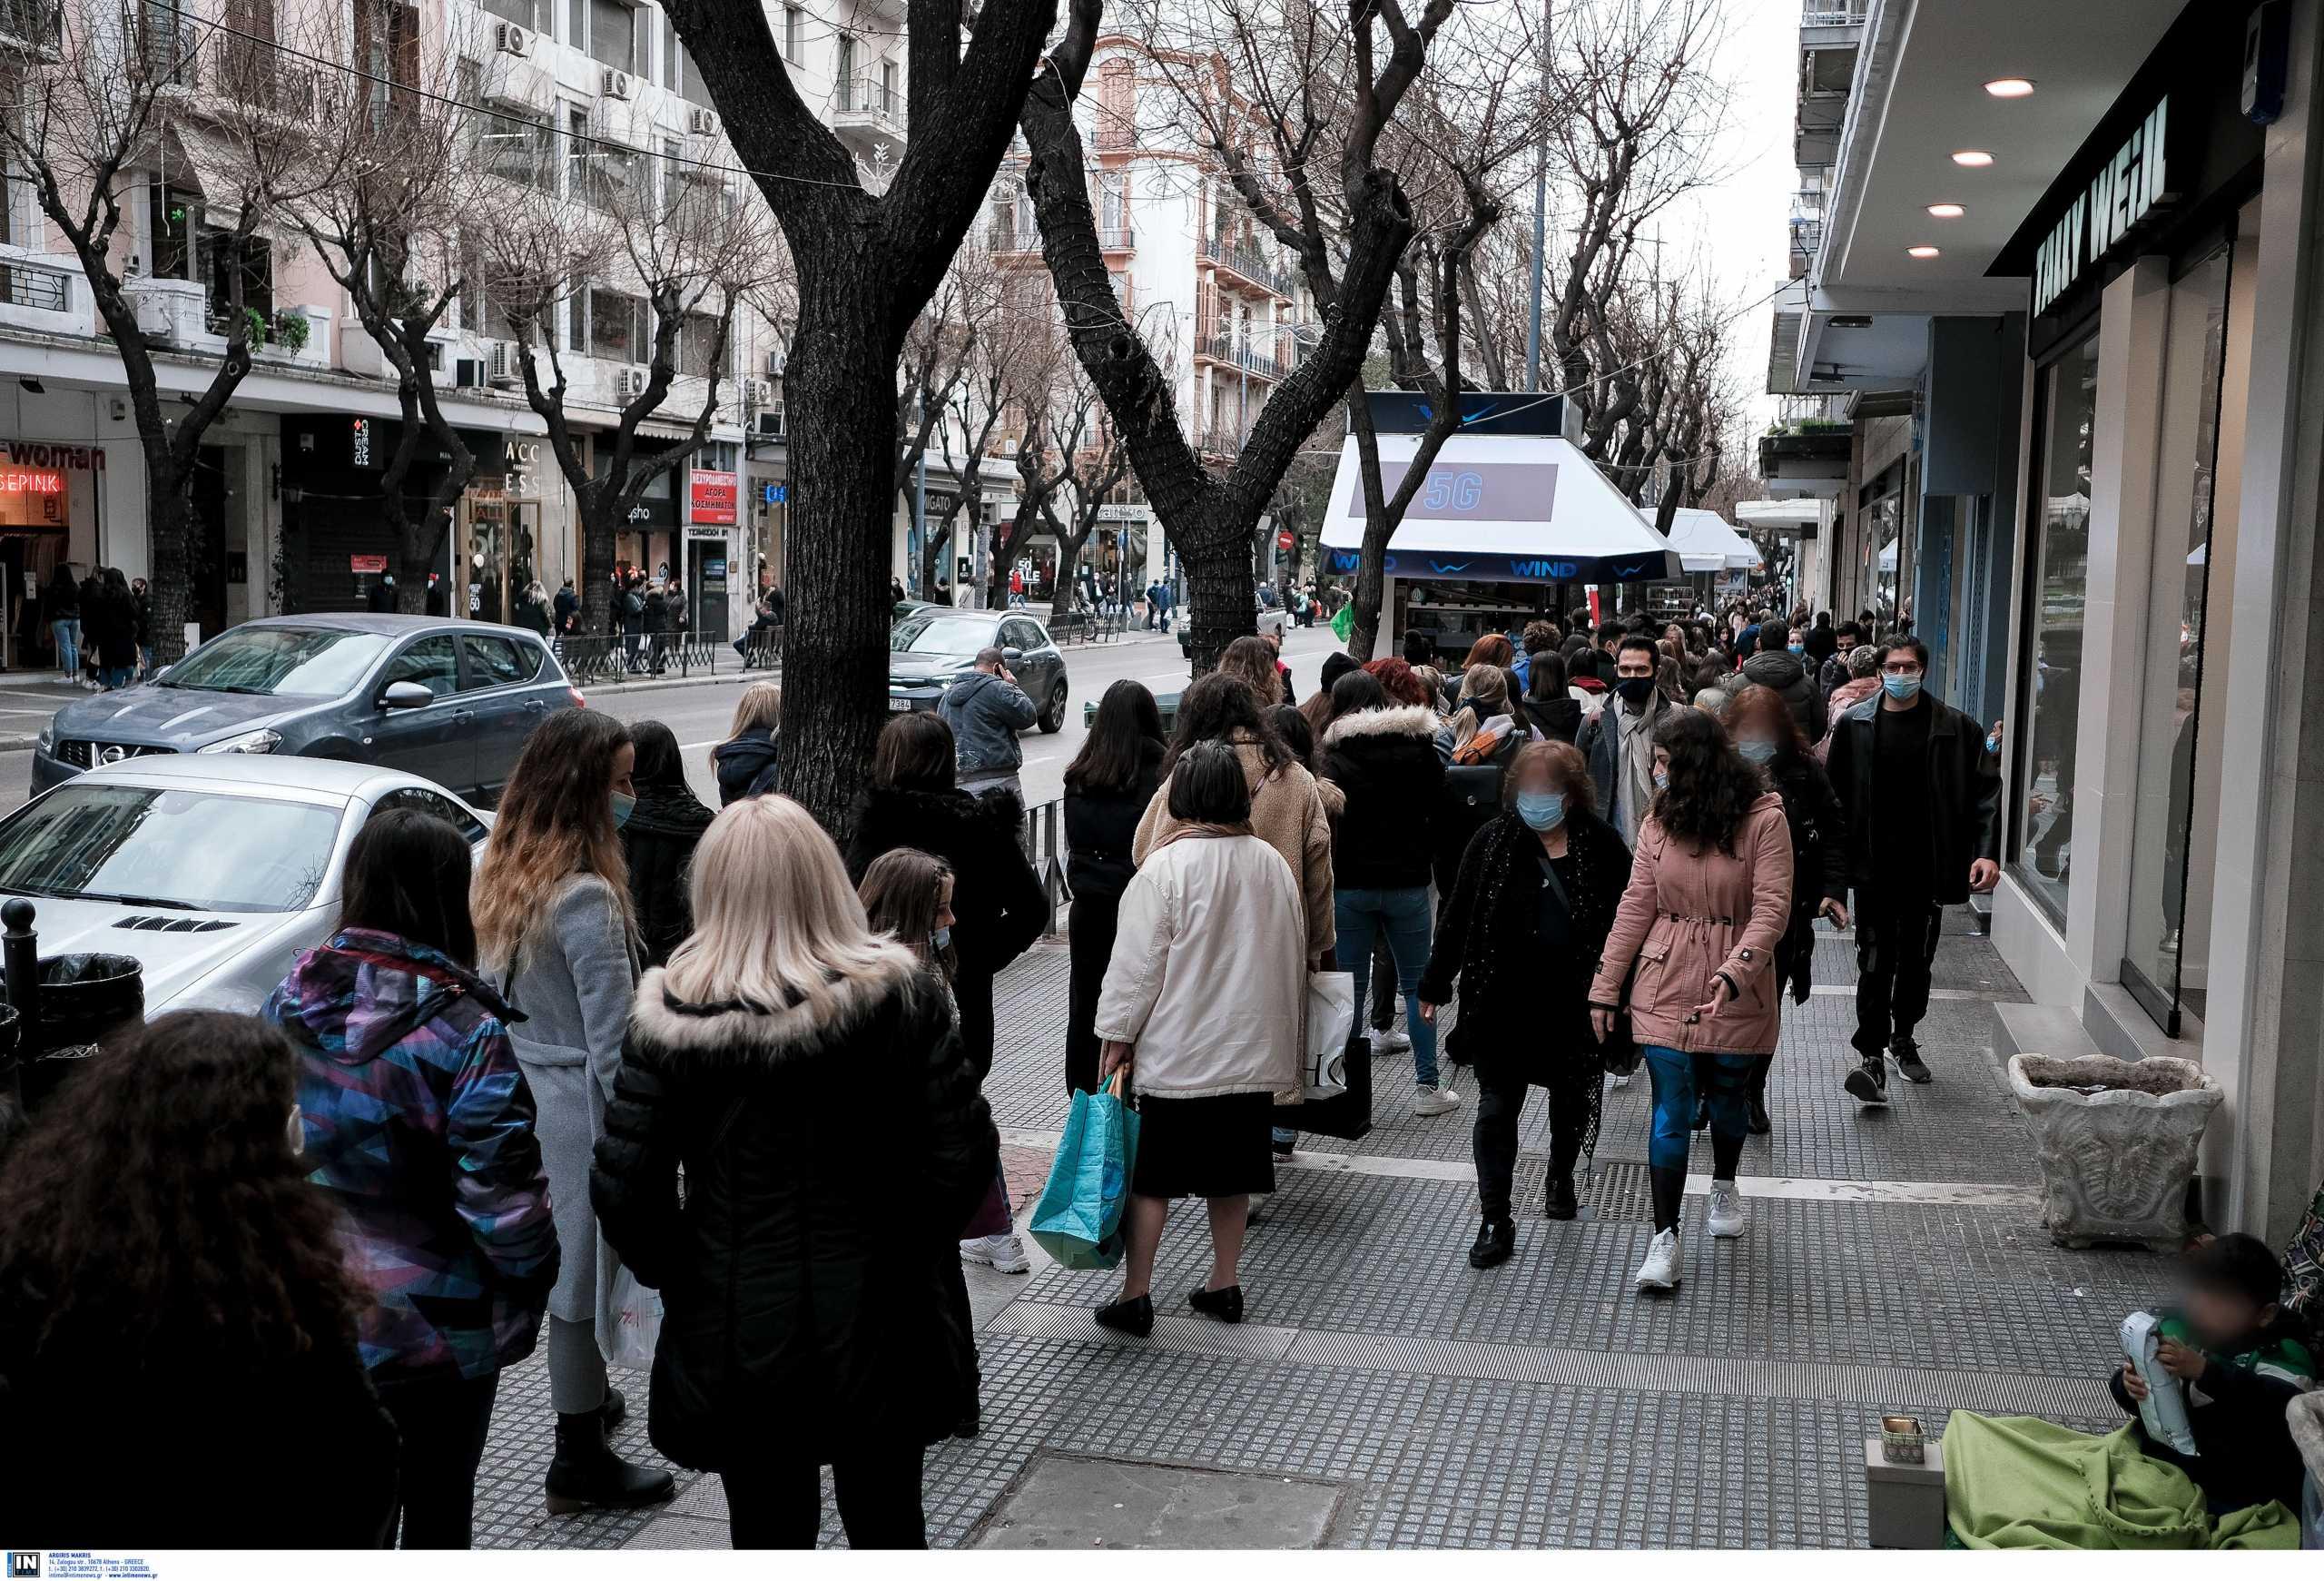 Θεσσαλονίκη: Εκκλήσεις Ζέρβα – «δεν πρέπει να μας χτυπήσει ένα τρίτο κύμα κορονοϊού»